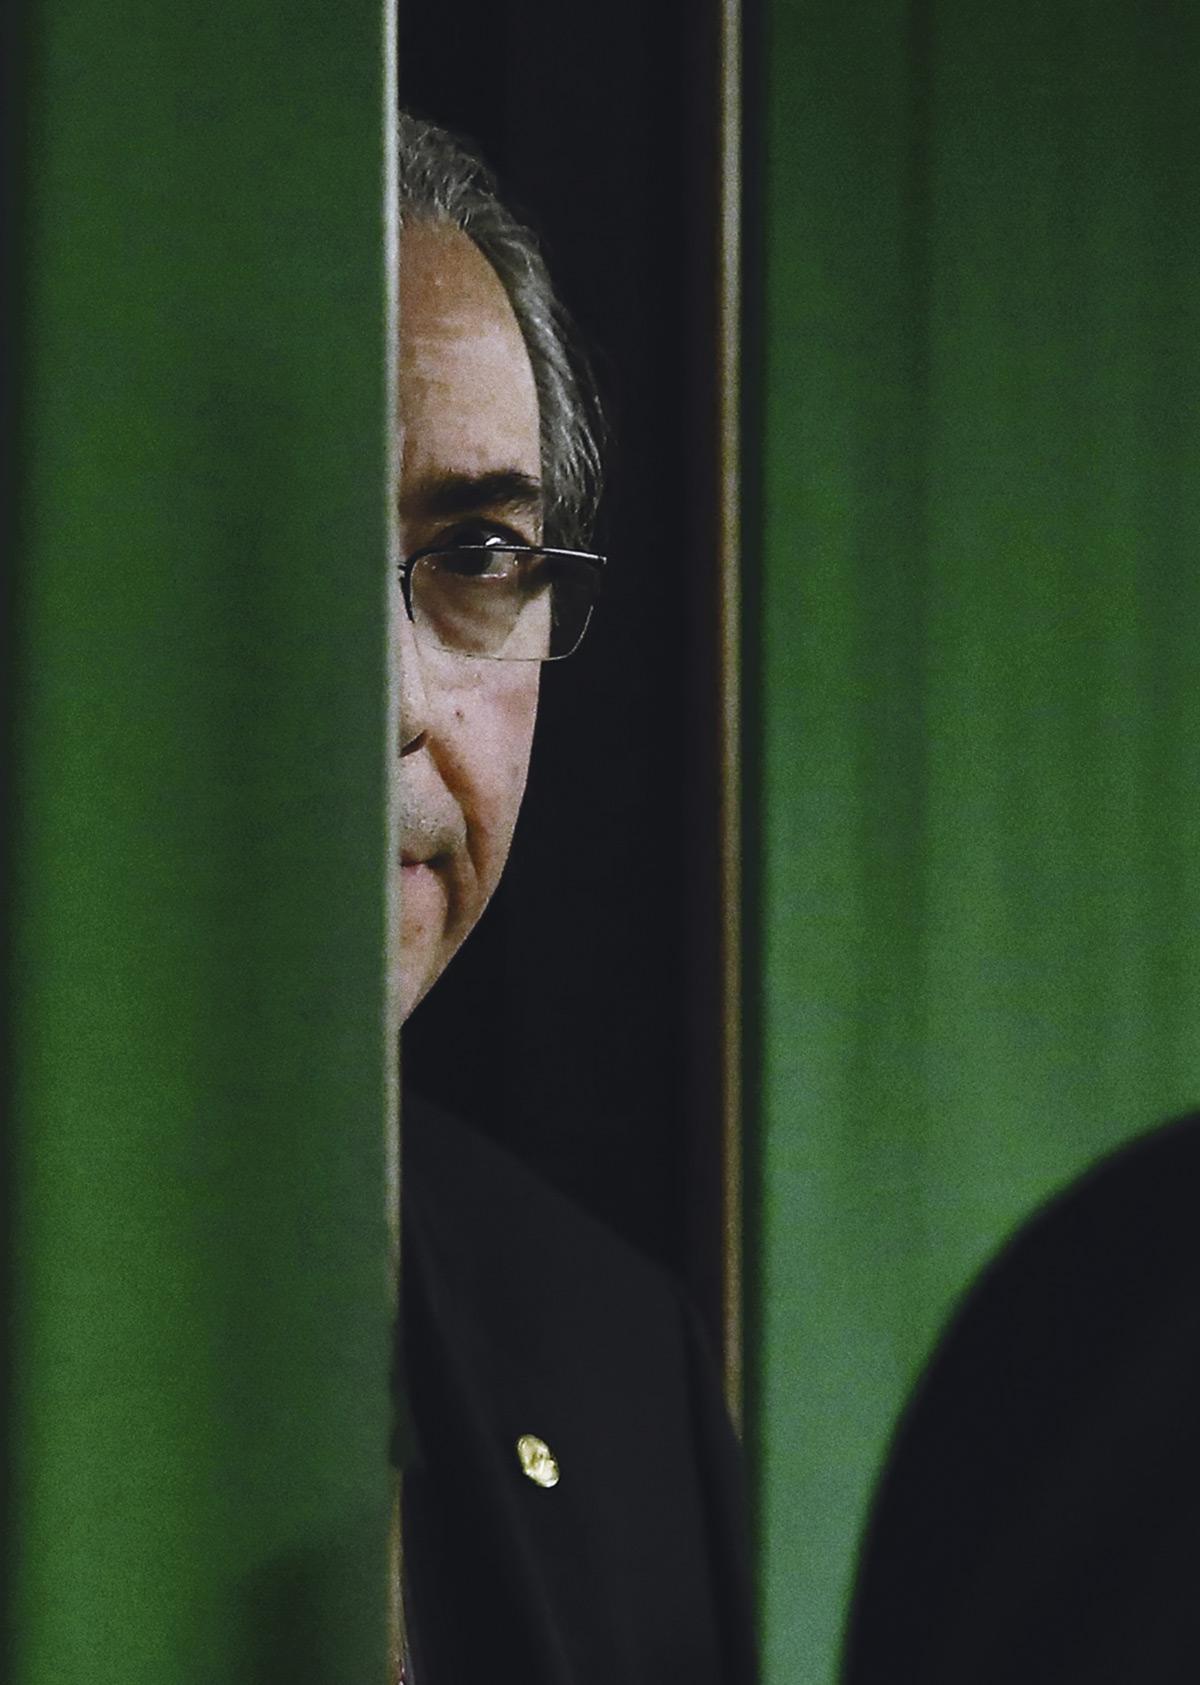 Nos últimos anos, um dos lados da disputa política no Brasil – aquele que foi derrotado em 2014 – passou a ter o poder de ligar ou desligar instituições de acordo com os seus interesses